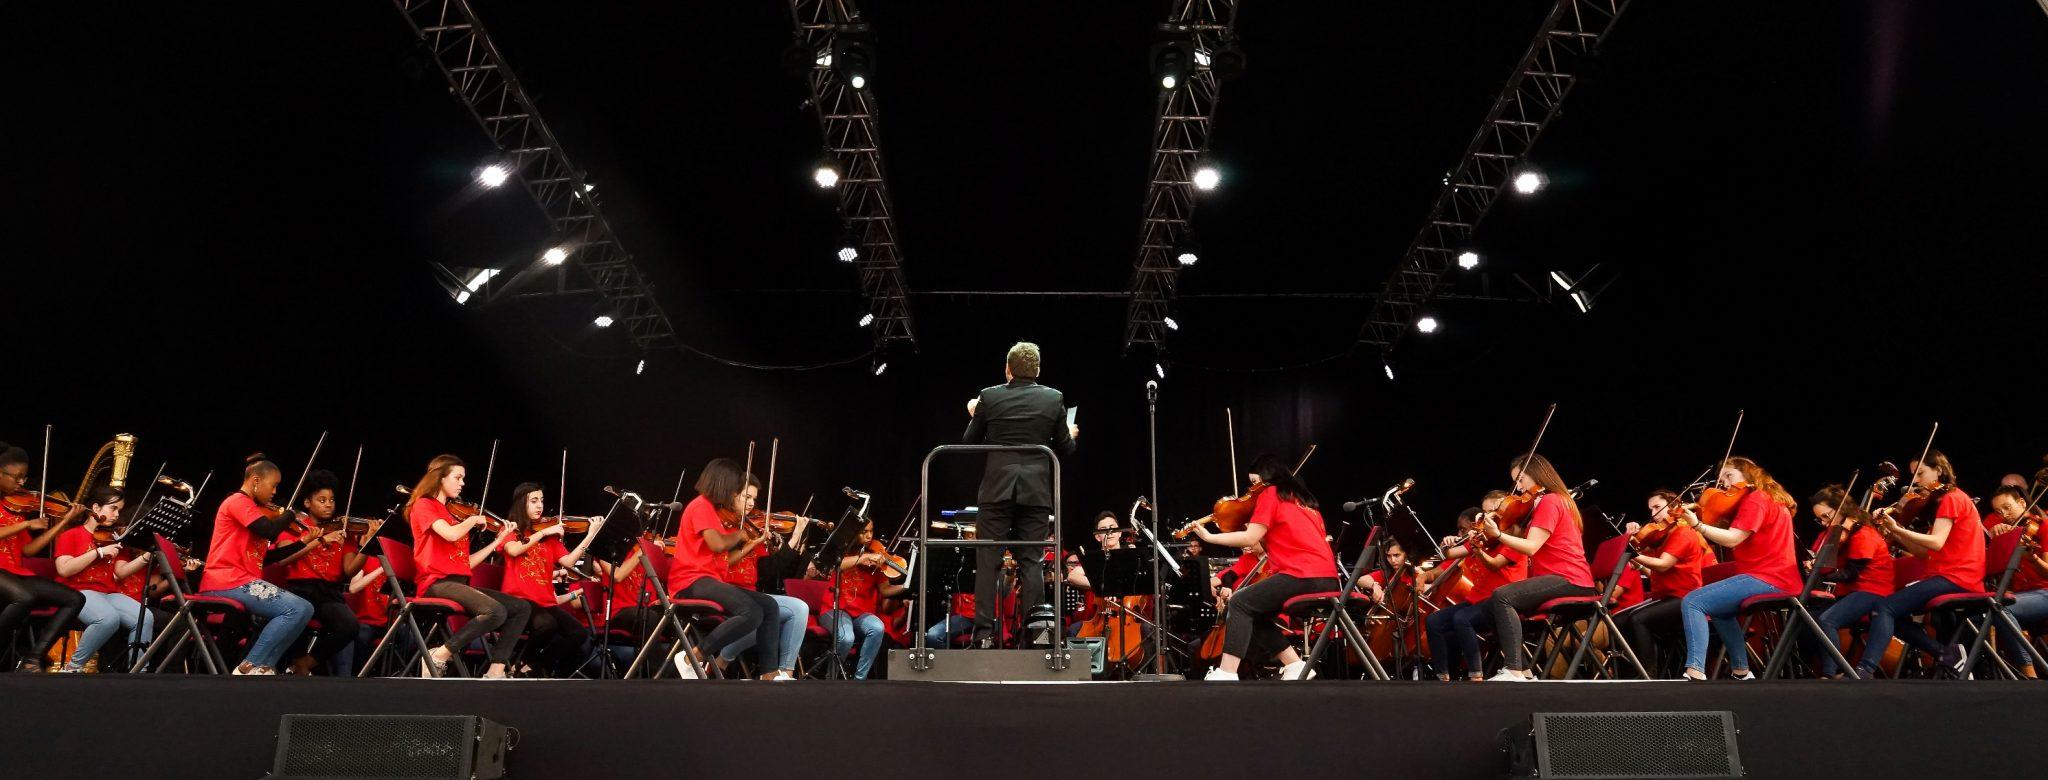 Vista de palco com elementos da orquestra, de lado para o observador, e o maestro, de costas para o observador